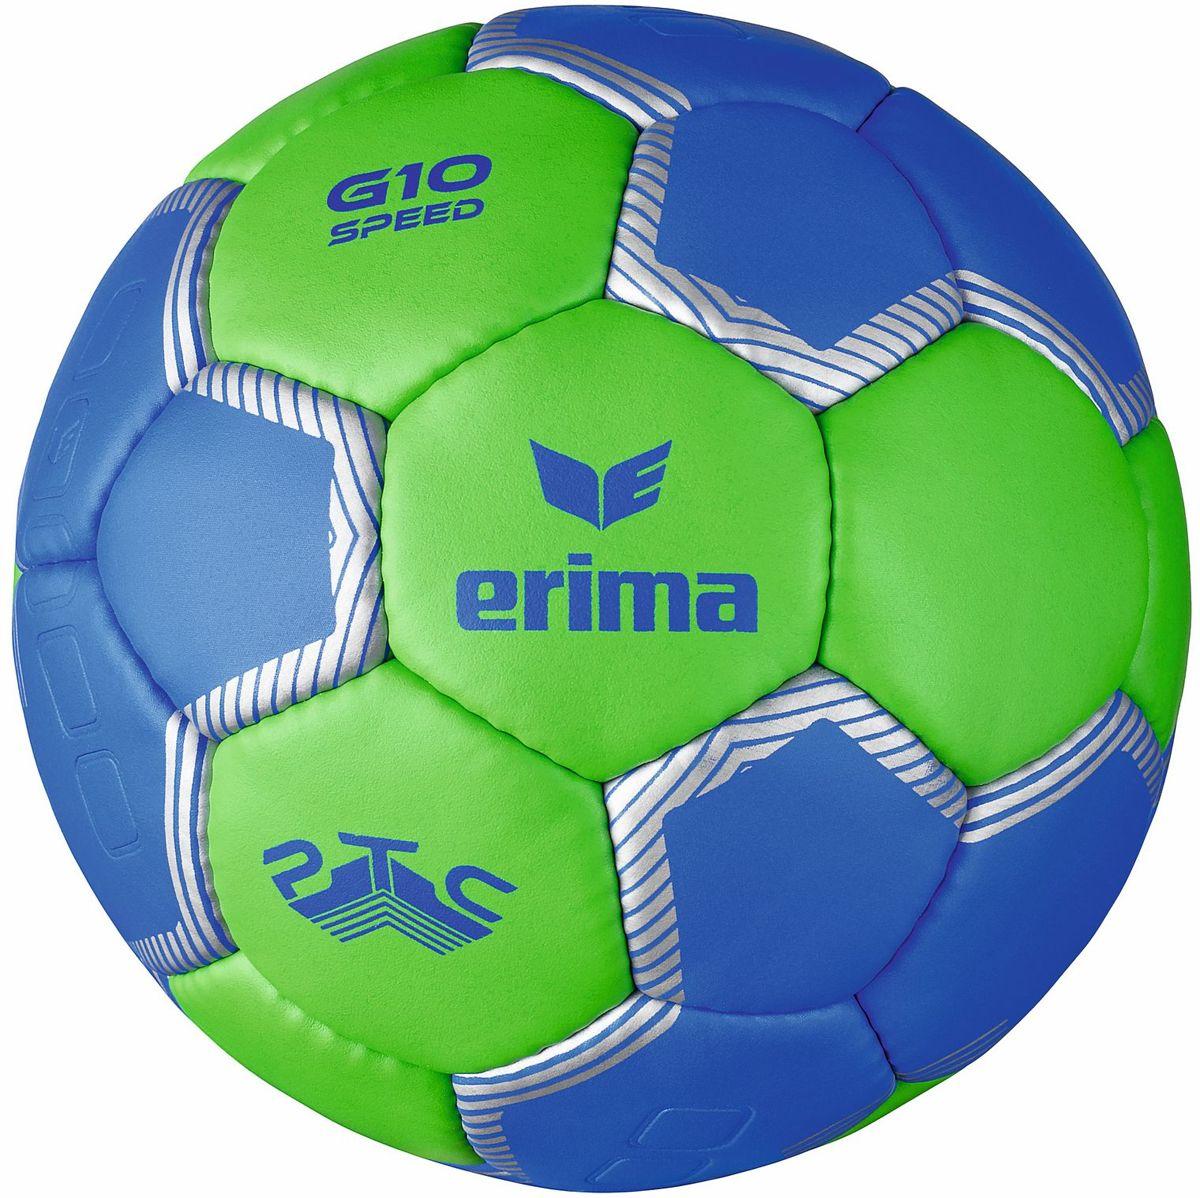 ERIMA G10 Speed - Handbal - Maat 3 - Green/Blauw kopen